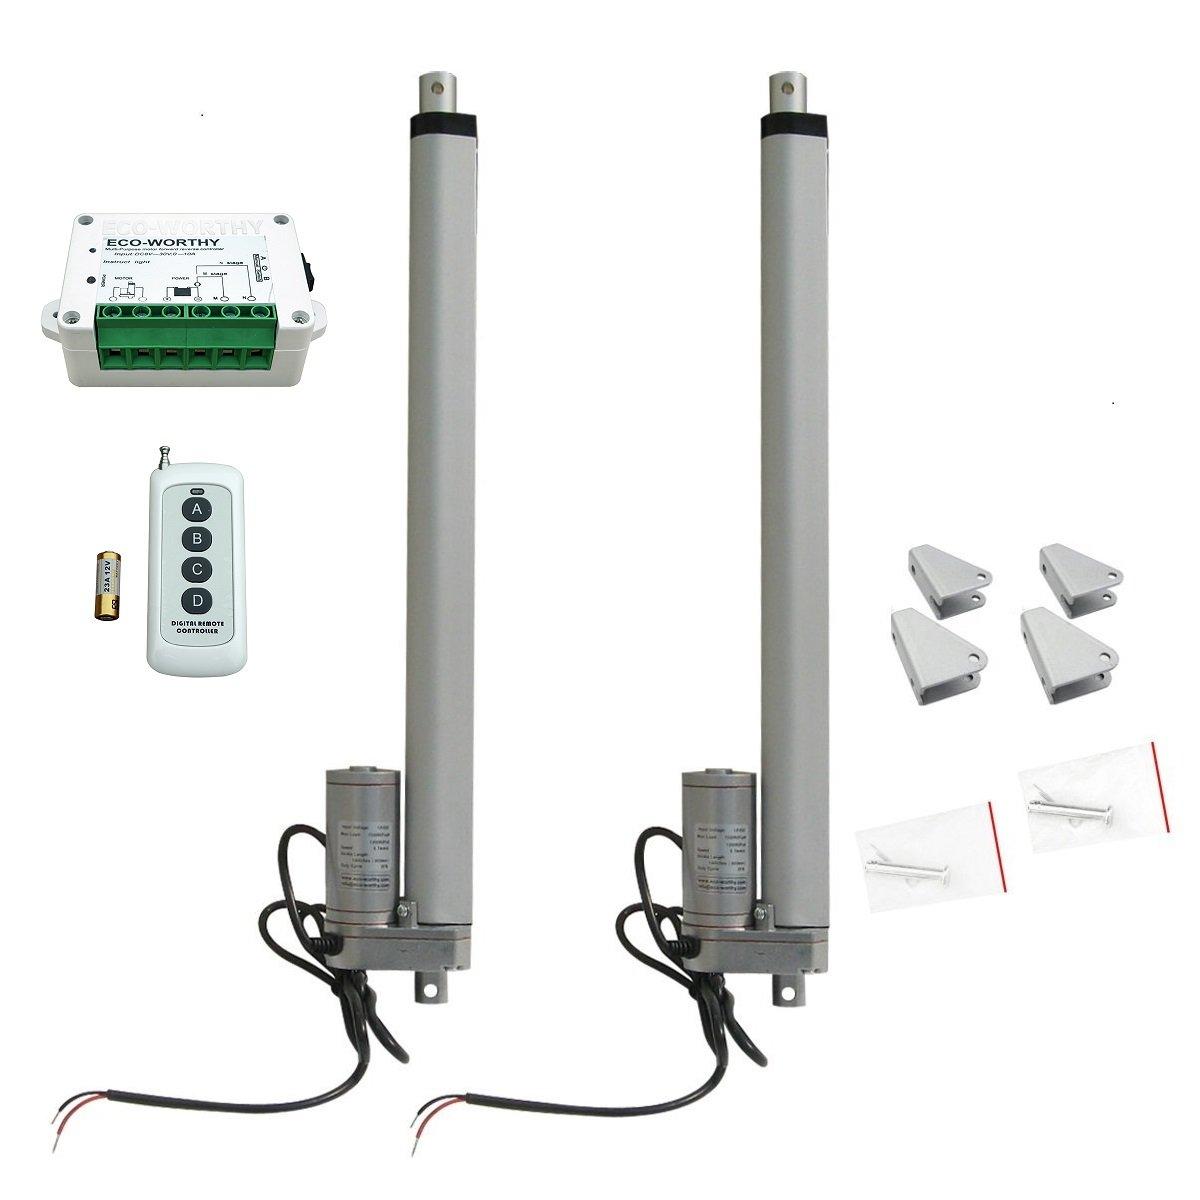 ECO-WORTHY 2pcs 14 Inch Heavy Duty Linear Actuator 12V 1500N Motor + Wireless Remote Controller + Brackets L11TGF12V350HW-T2C-2